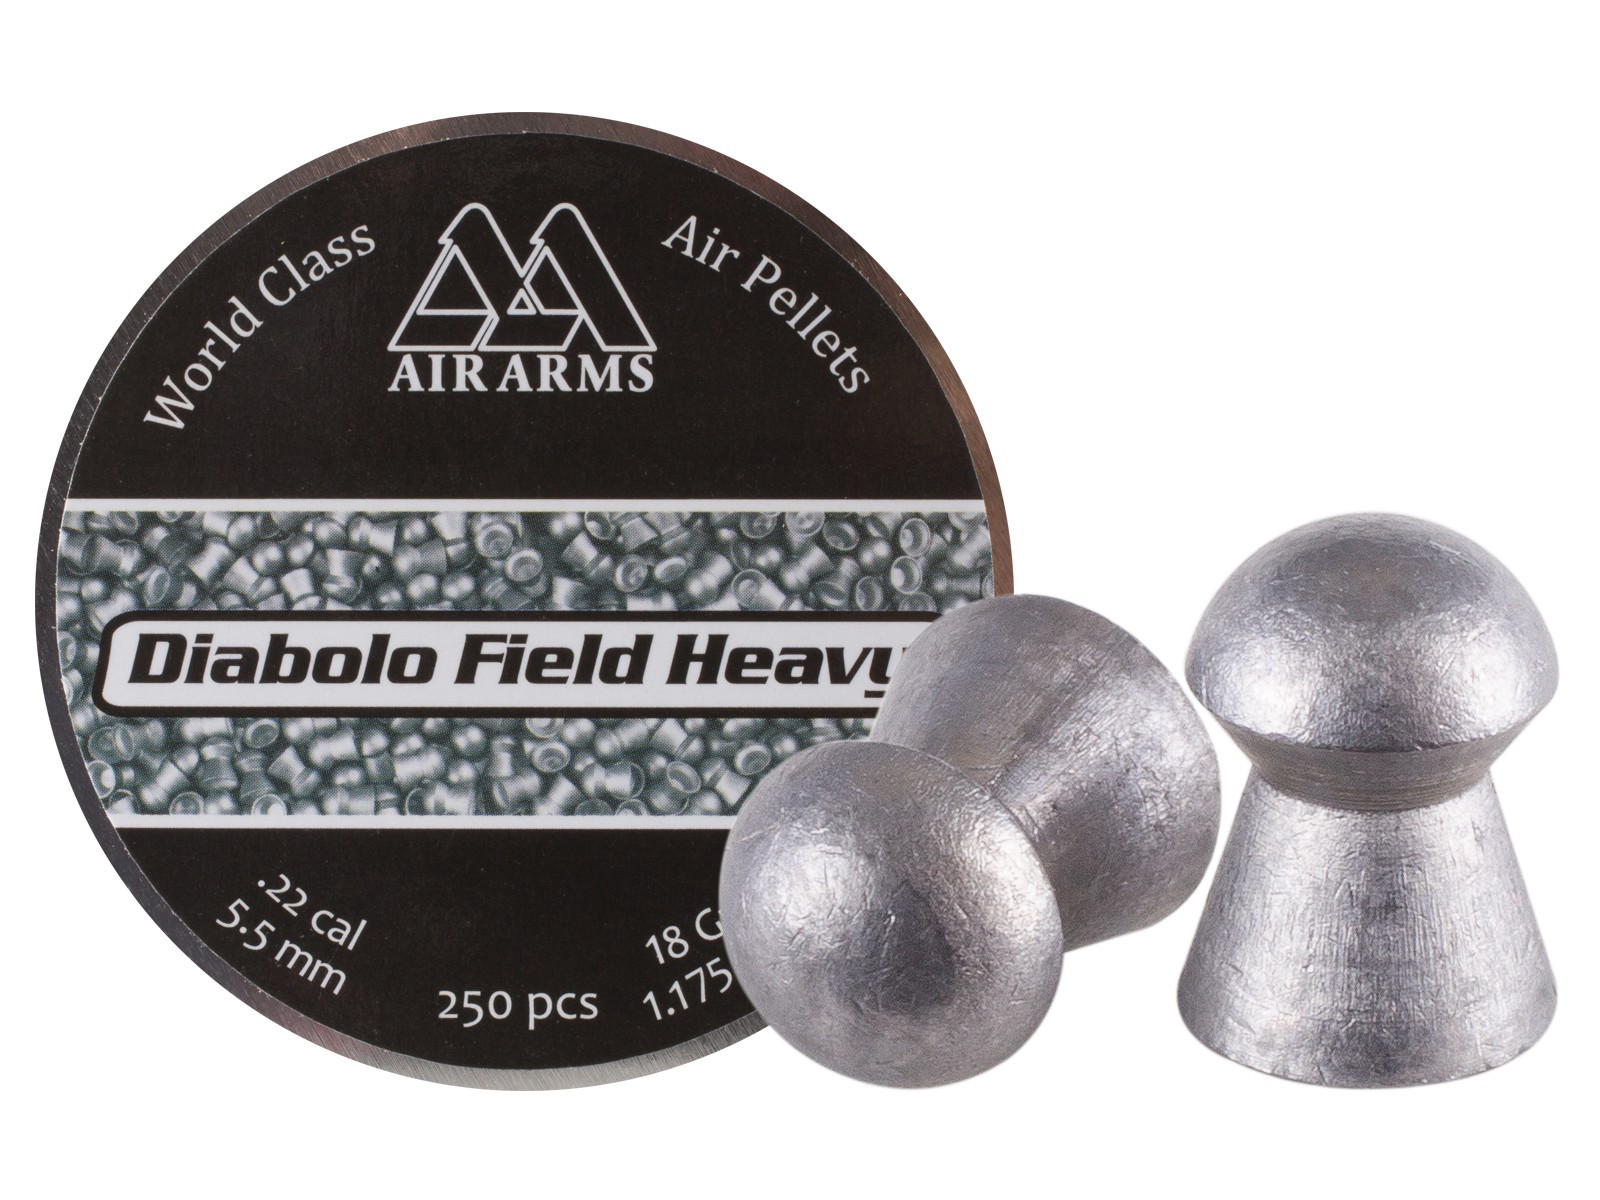 Air Arms Diabolo Field Heavy .22 Cal (5.52mm), 18 gr - 250ct